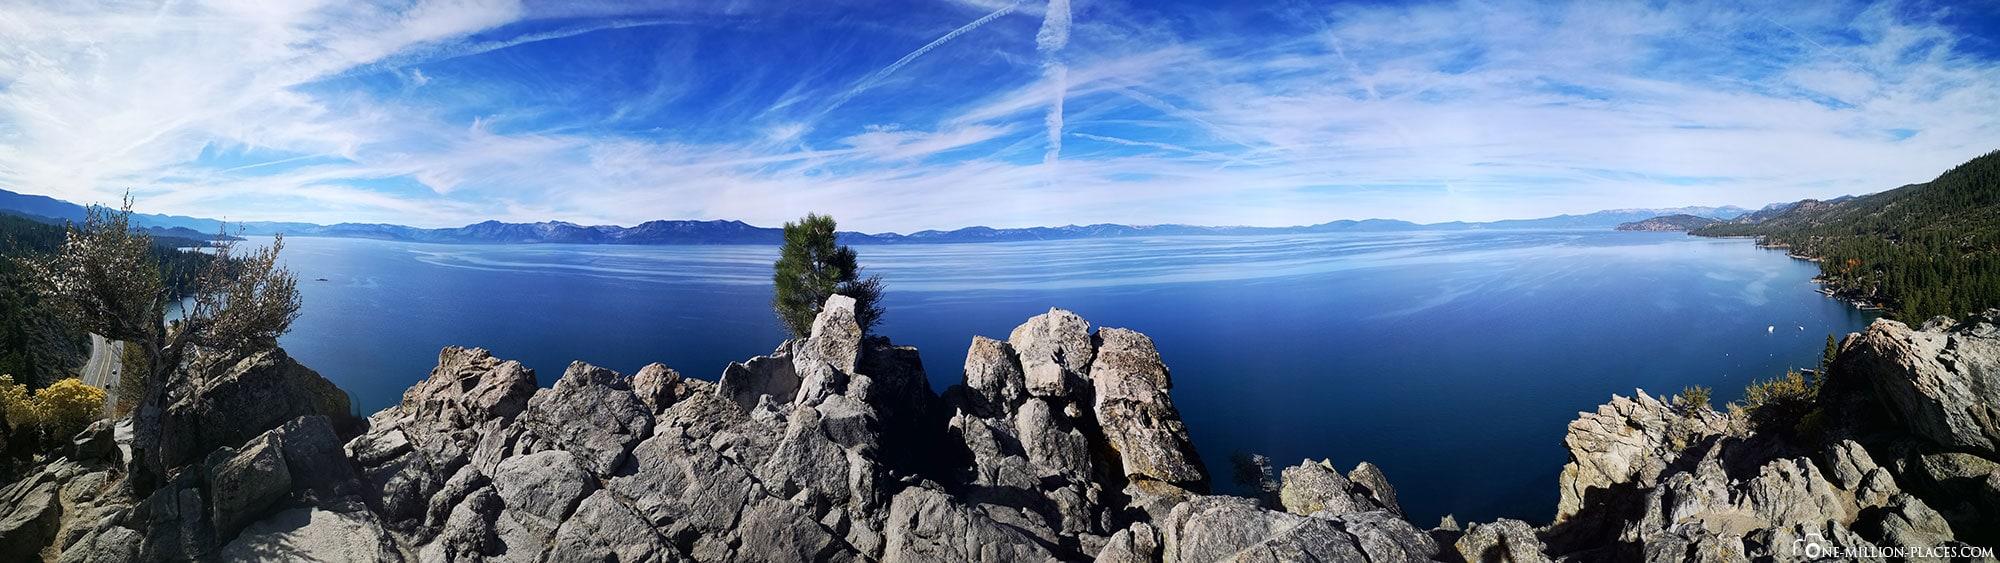 Lake Tahoe, Panoramabild, USA